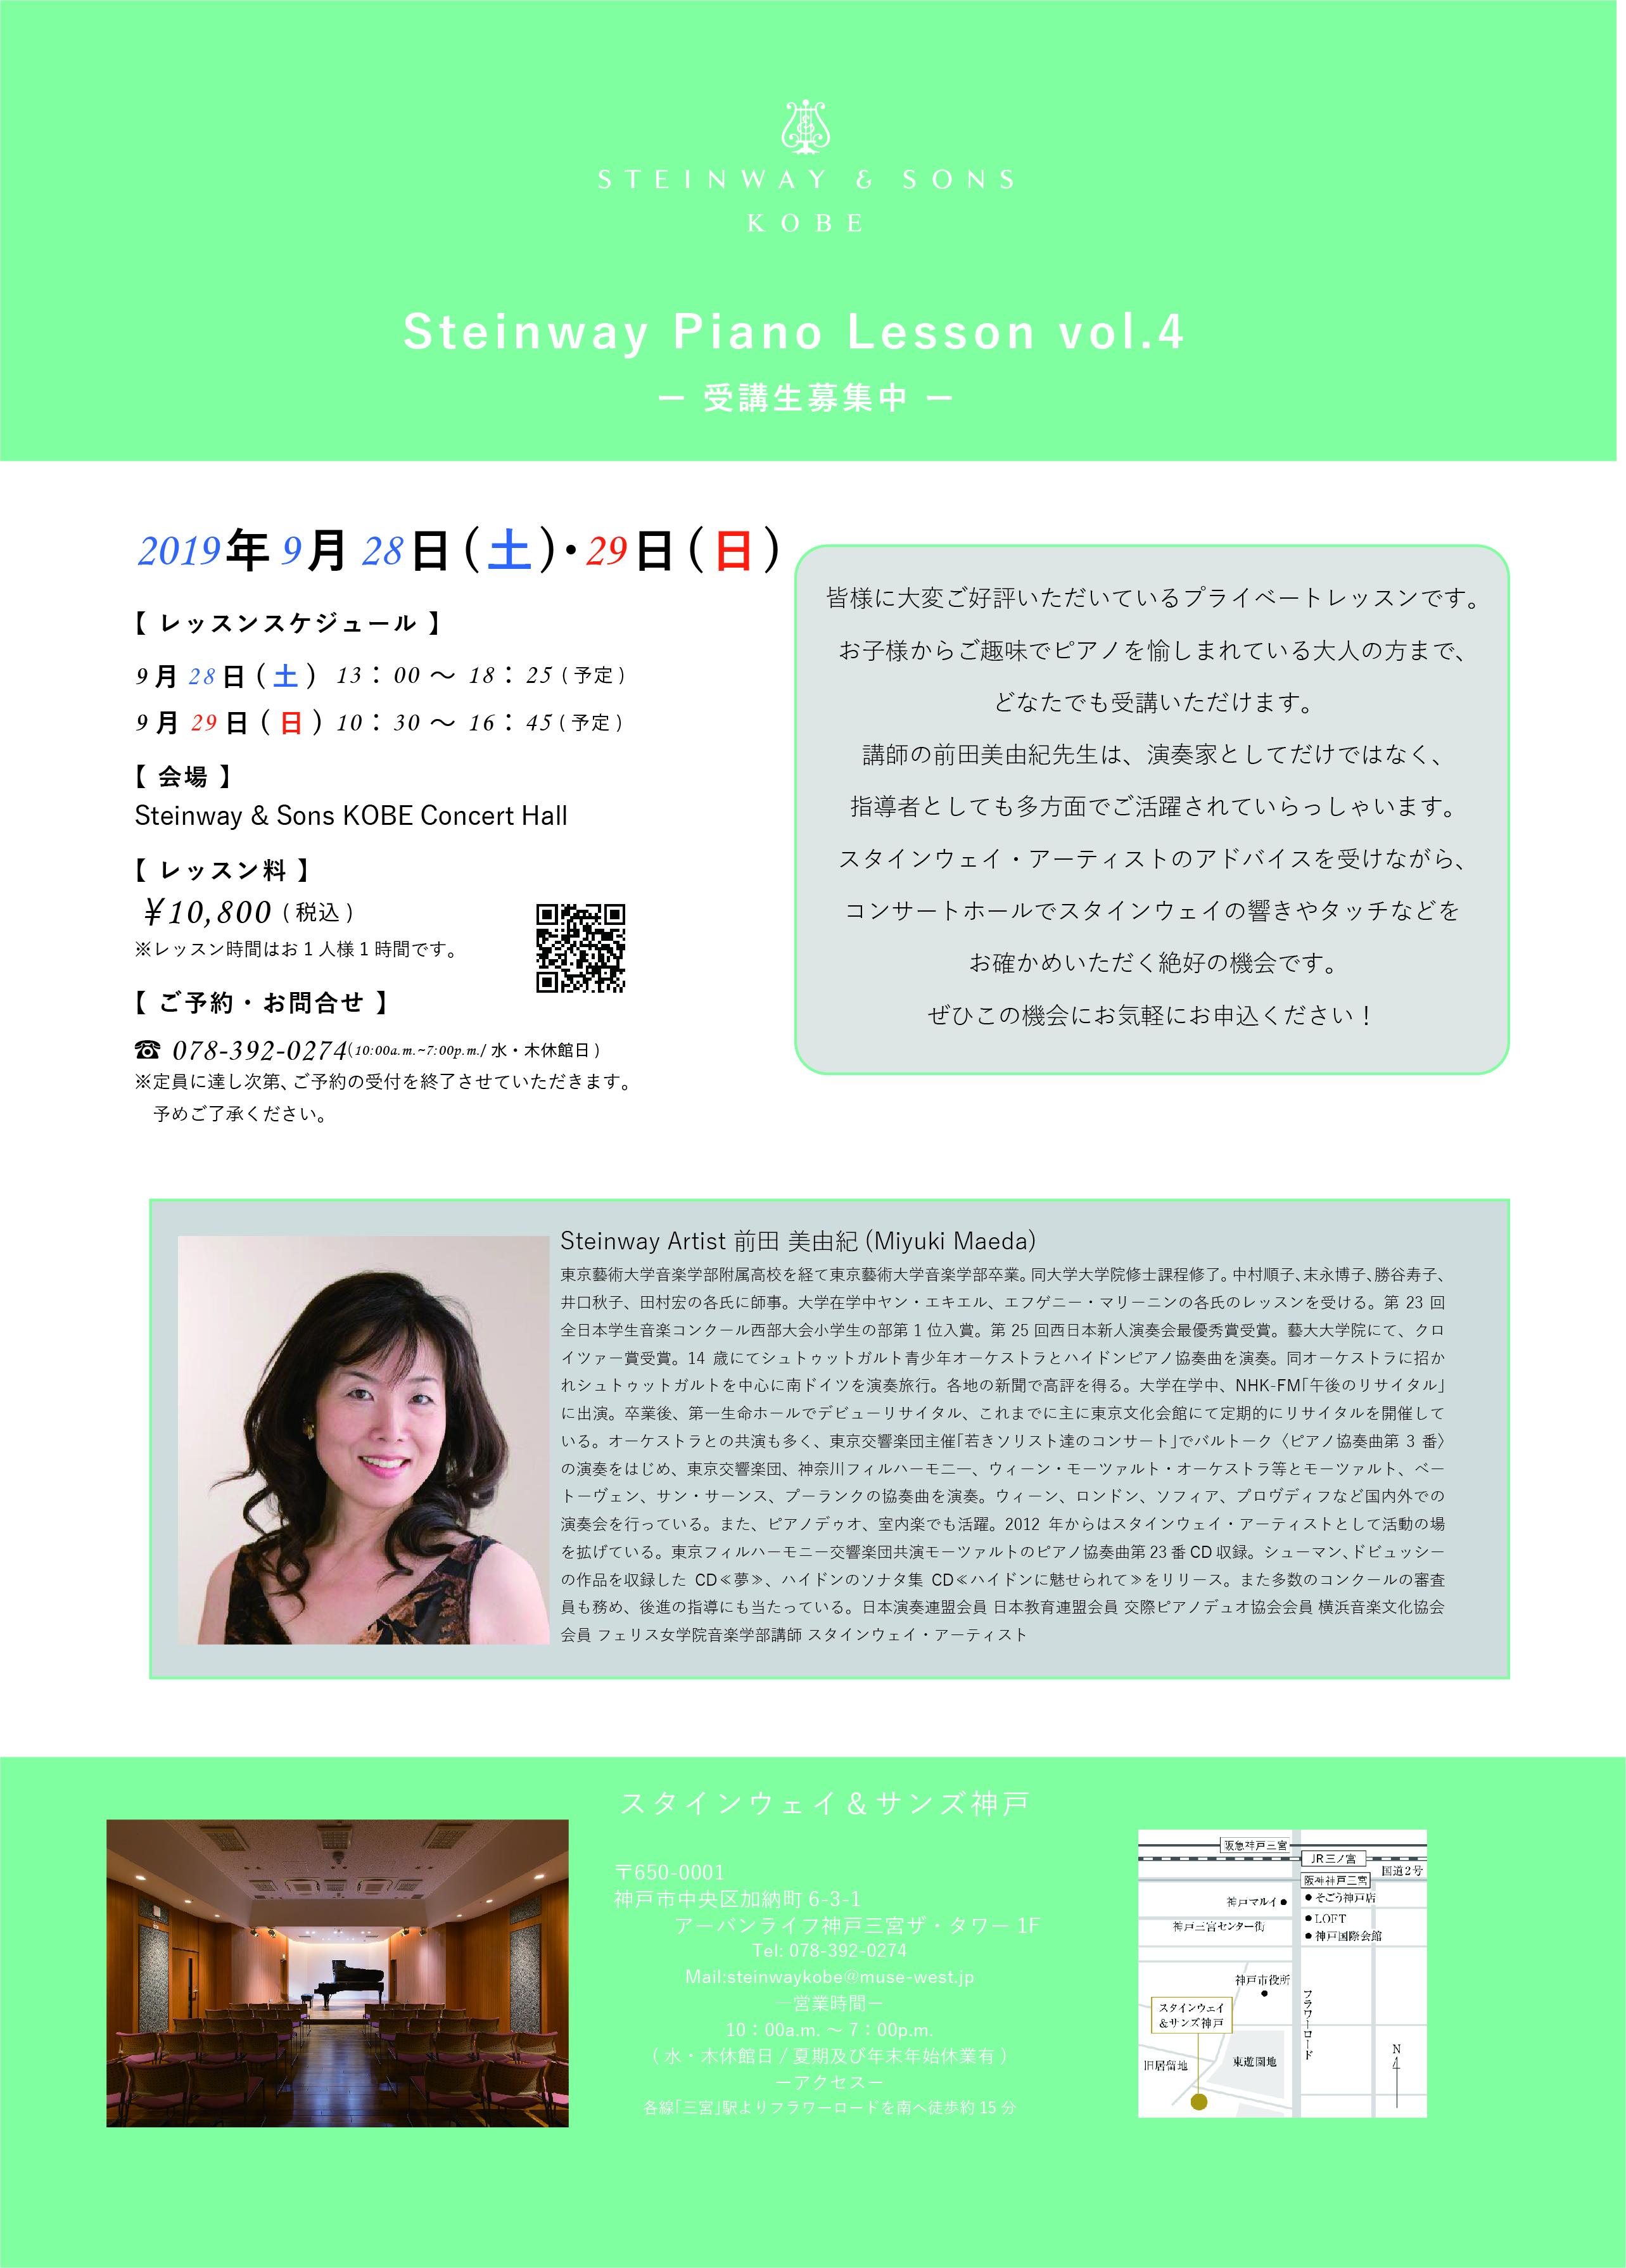 ※ご好評につき、募集を締め切らせていただきました! Steinway Artist 前田美由紀先生による「Steinway Piano Lesson vol.4」